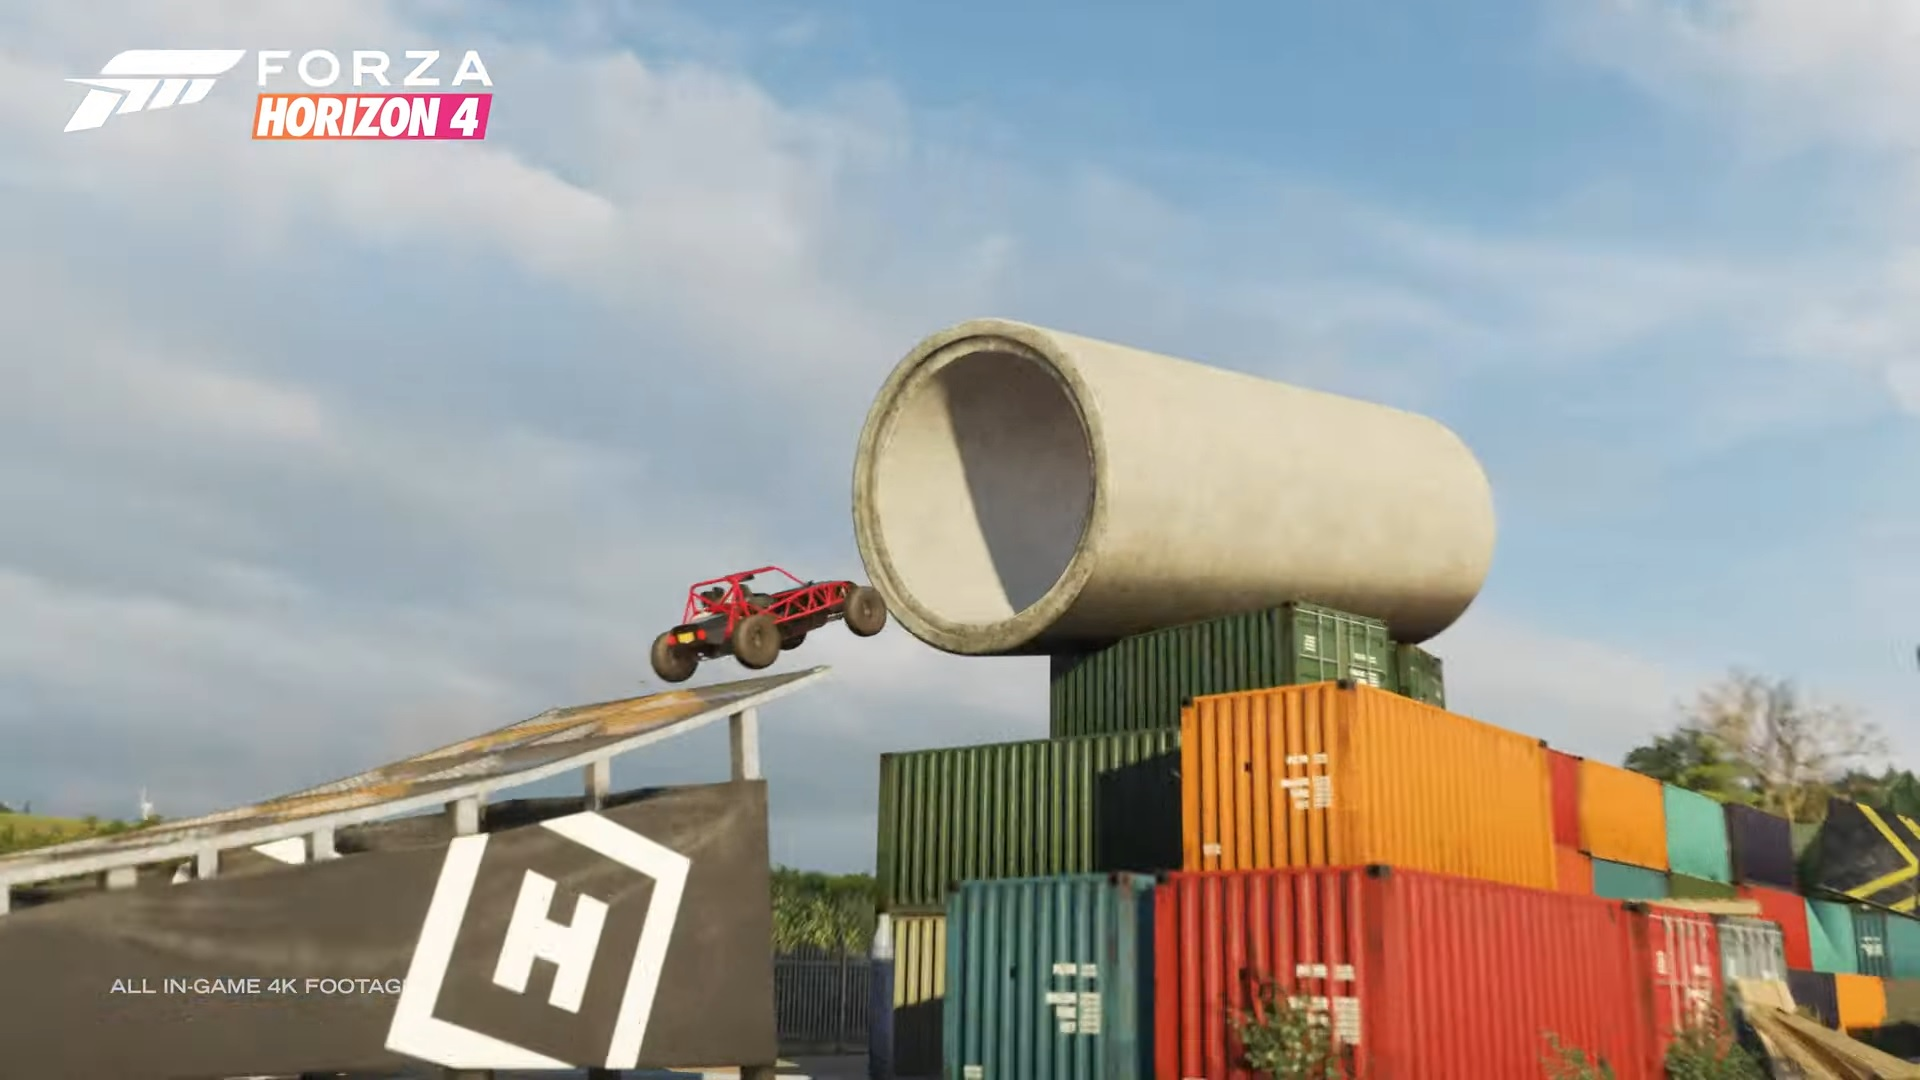 Forza Horizon 4 Adding New Game Mode Soon